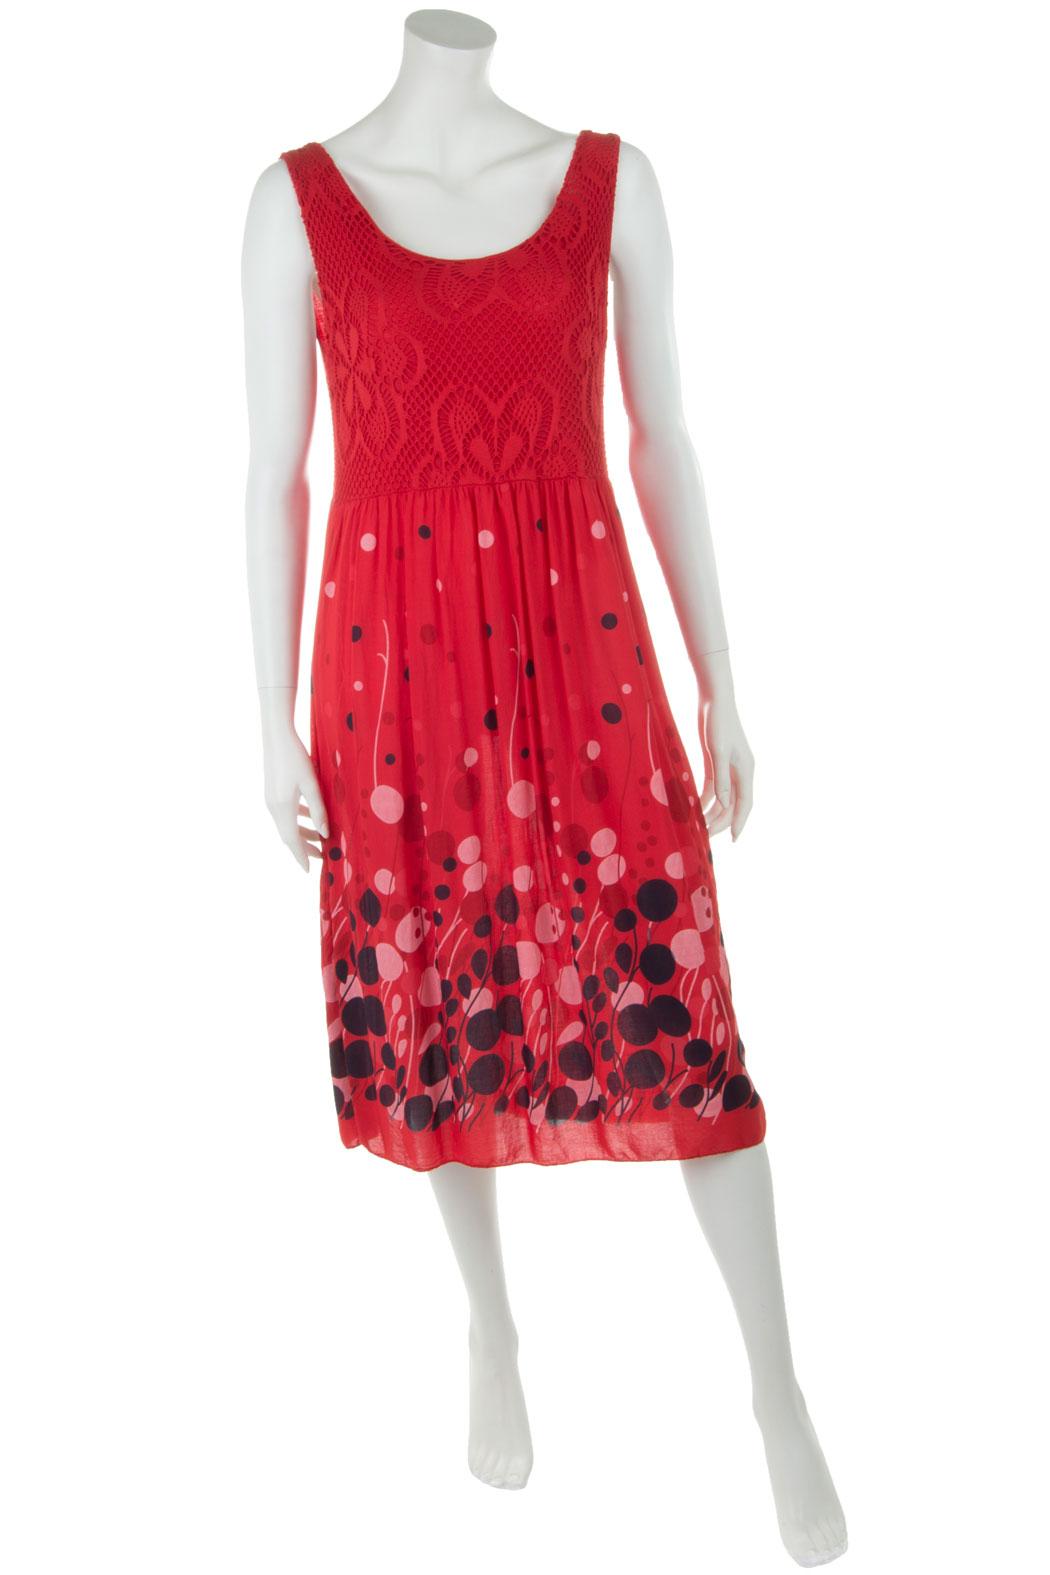 Leichtes Sommer-Kleid für Damen Viskose Rot 36 38 40, 26,90